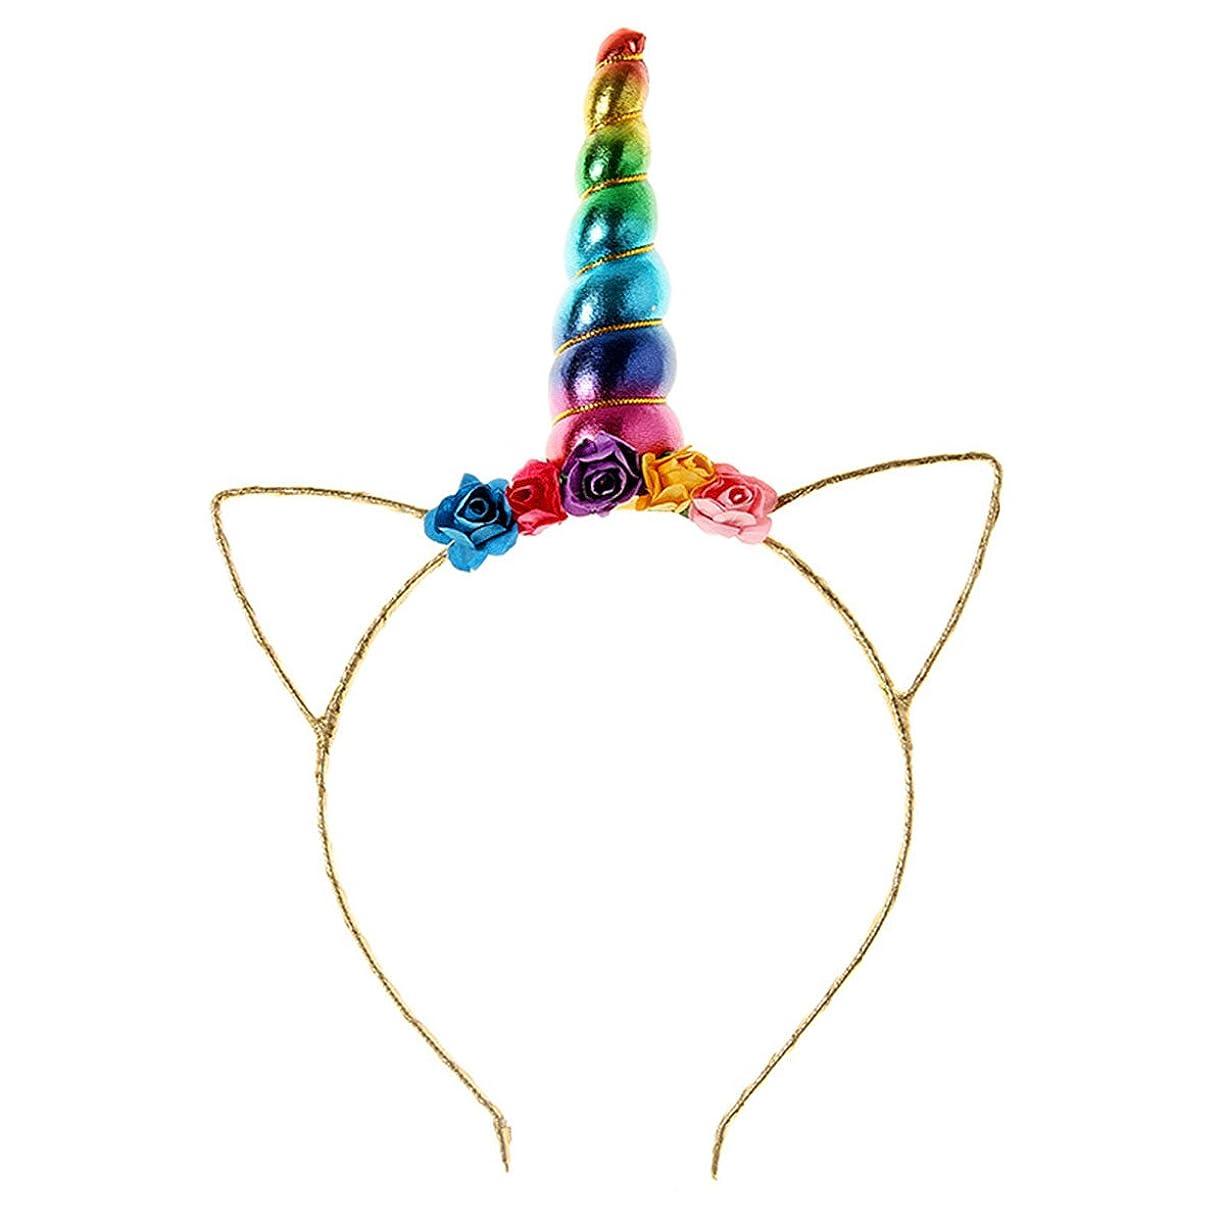 汚す先駆者キャンバス誕生日ハロウィンコスプレパーティーのためのキッズのレインボーユニコーンホーンヘッドバンドヘッドウェアアクセサリー